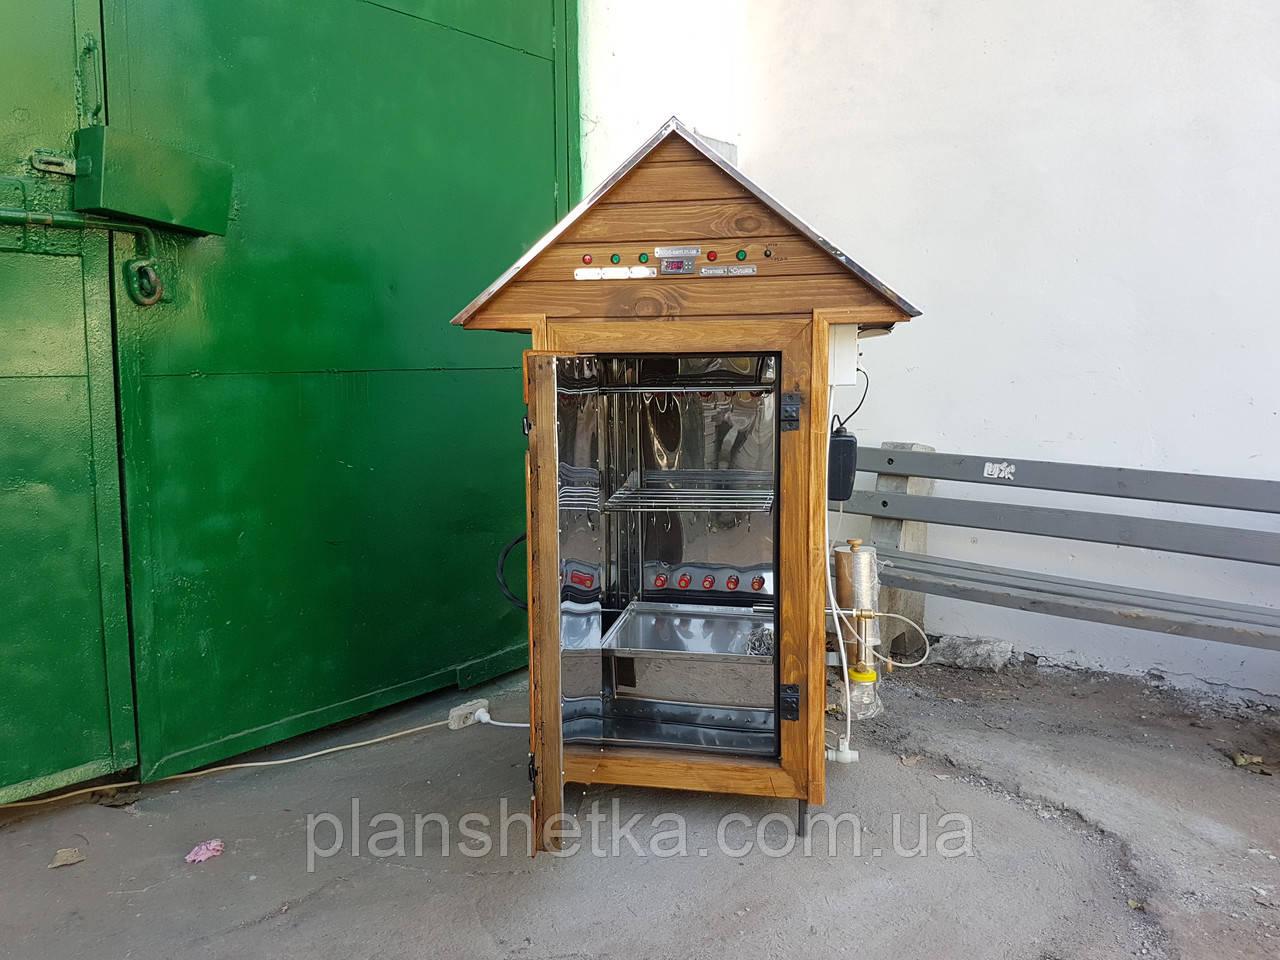 Электростатическая Коптильня 250 л холодного и горячего копчения + просушка (нержавейка внутри, крыша домиком